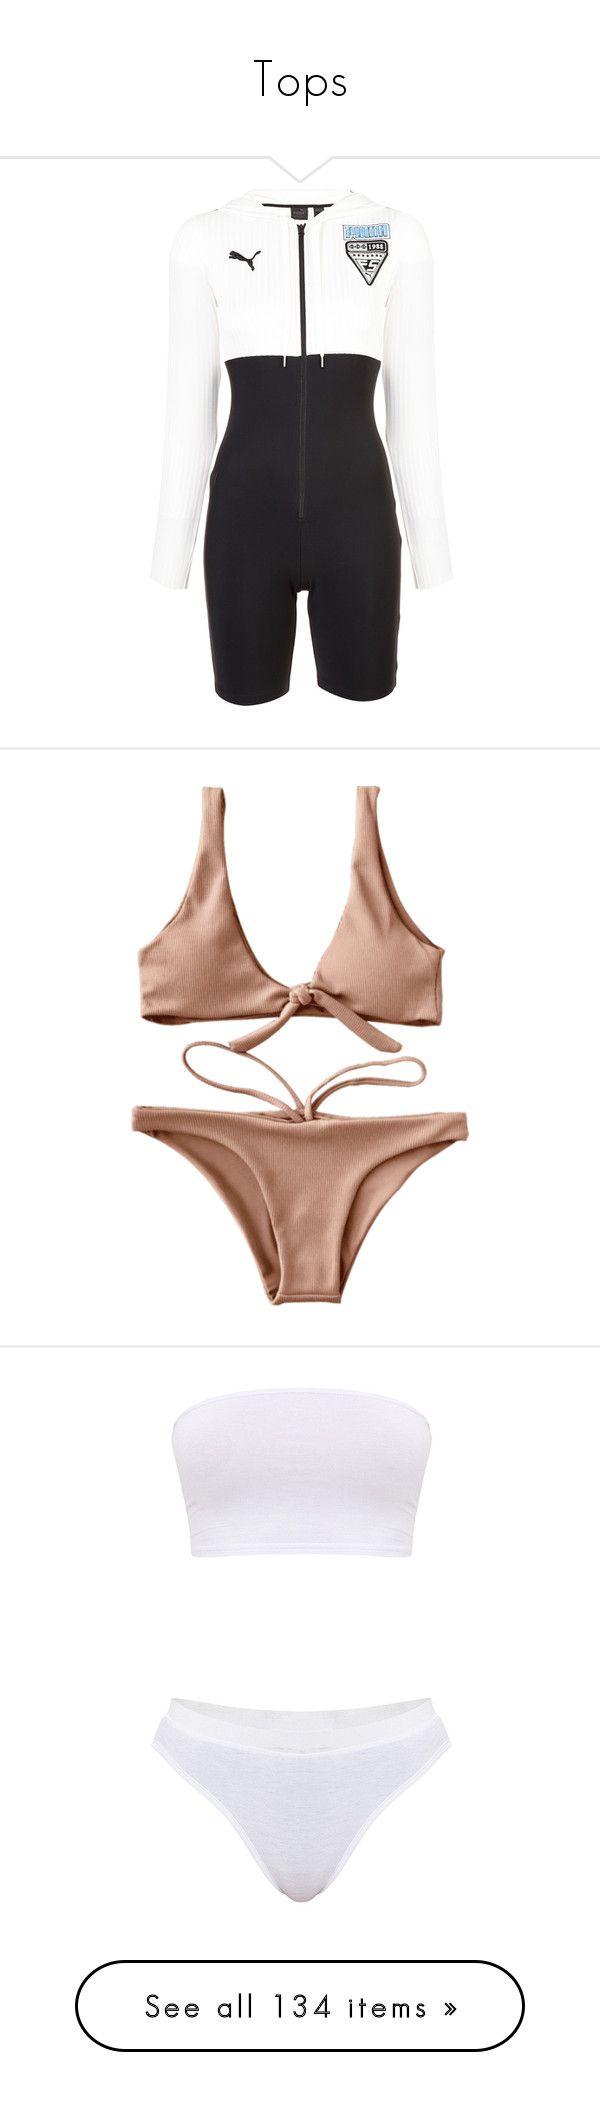 """""""Tops"""" by nbanyaaaaaaaaaa ❤ liked on Polyvore featuring black, swimwear, bikinis, underwear, bikini beachwear, scoop-neck bikinis, bikini swim wear, textured bikini, bikini two piece and intimates"""